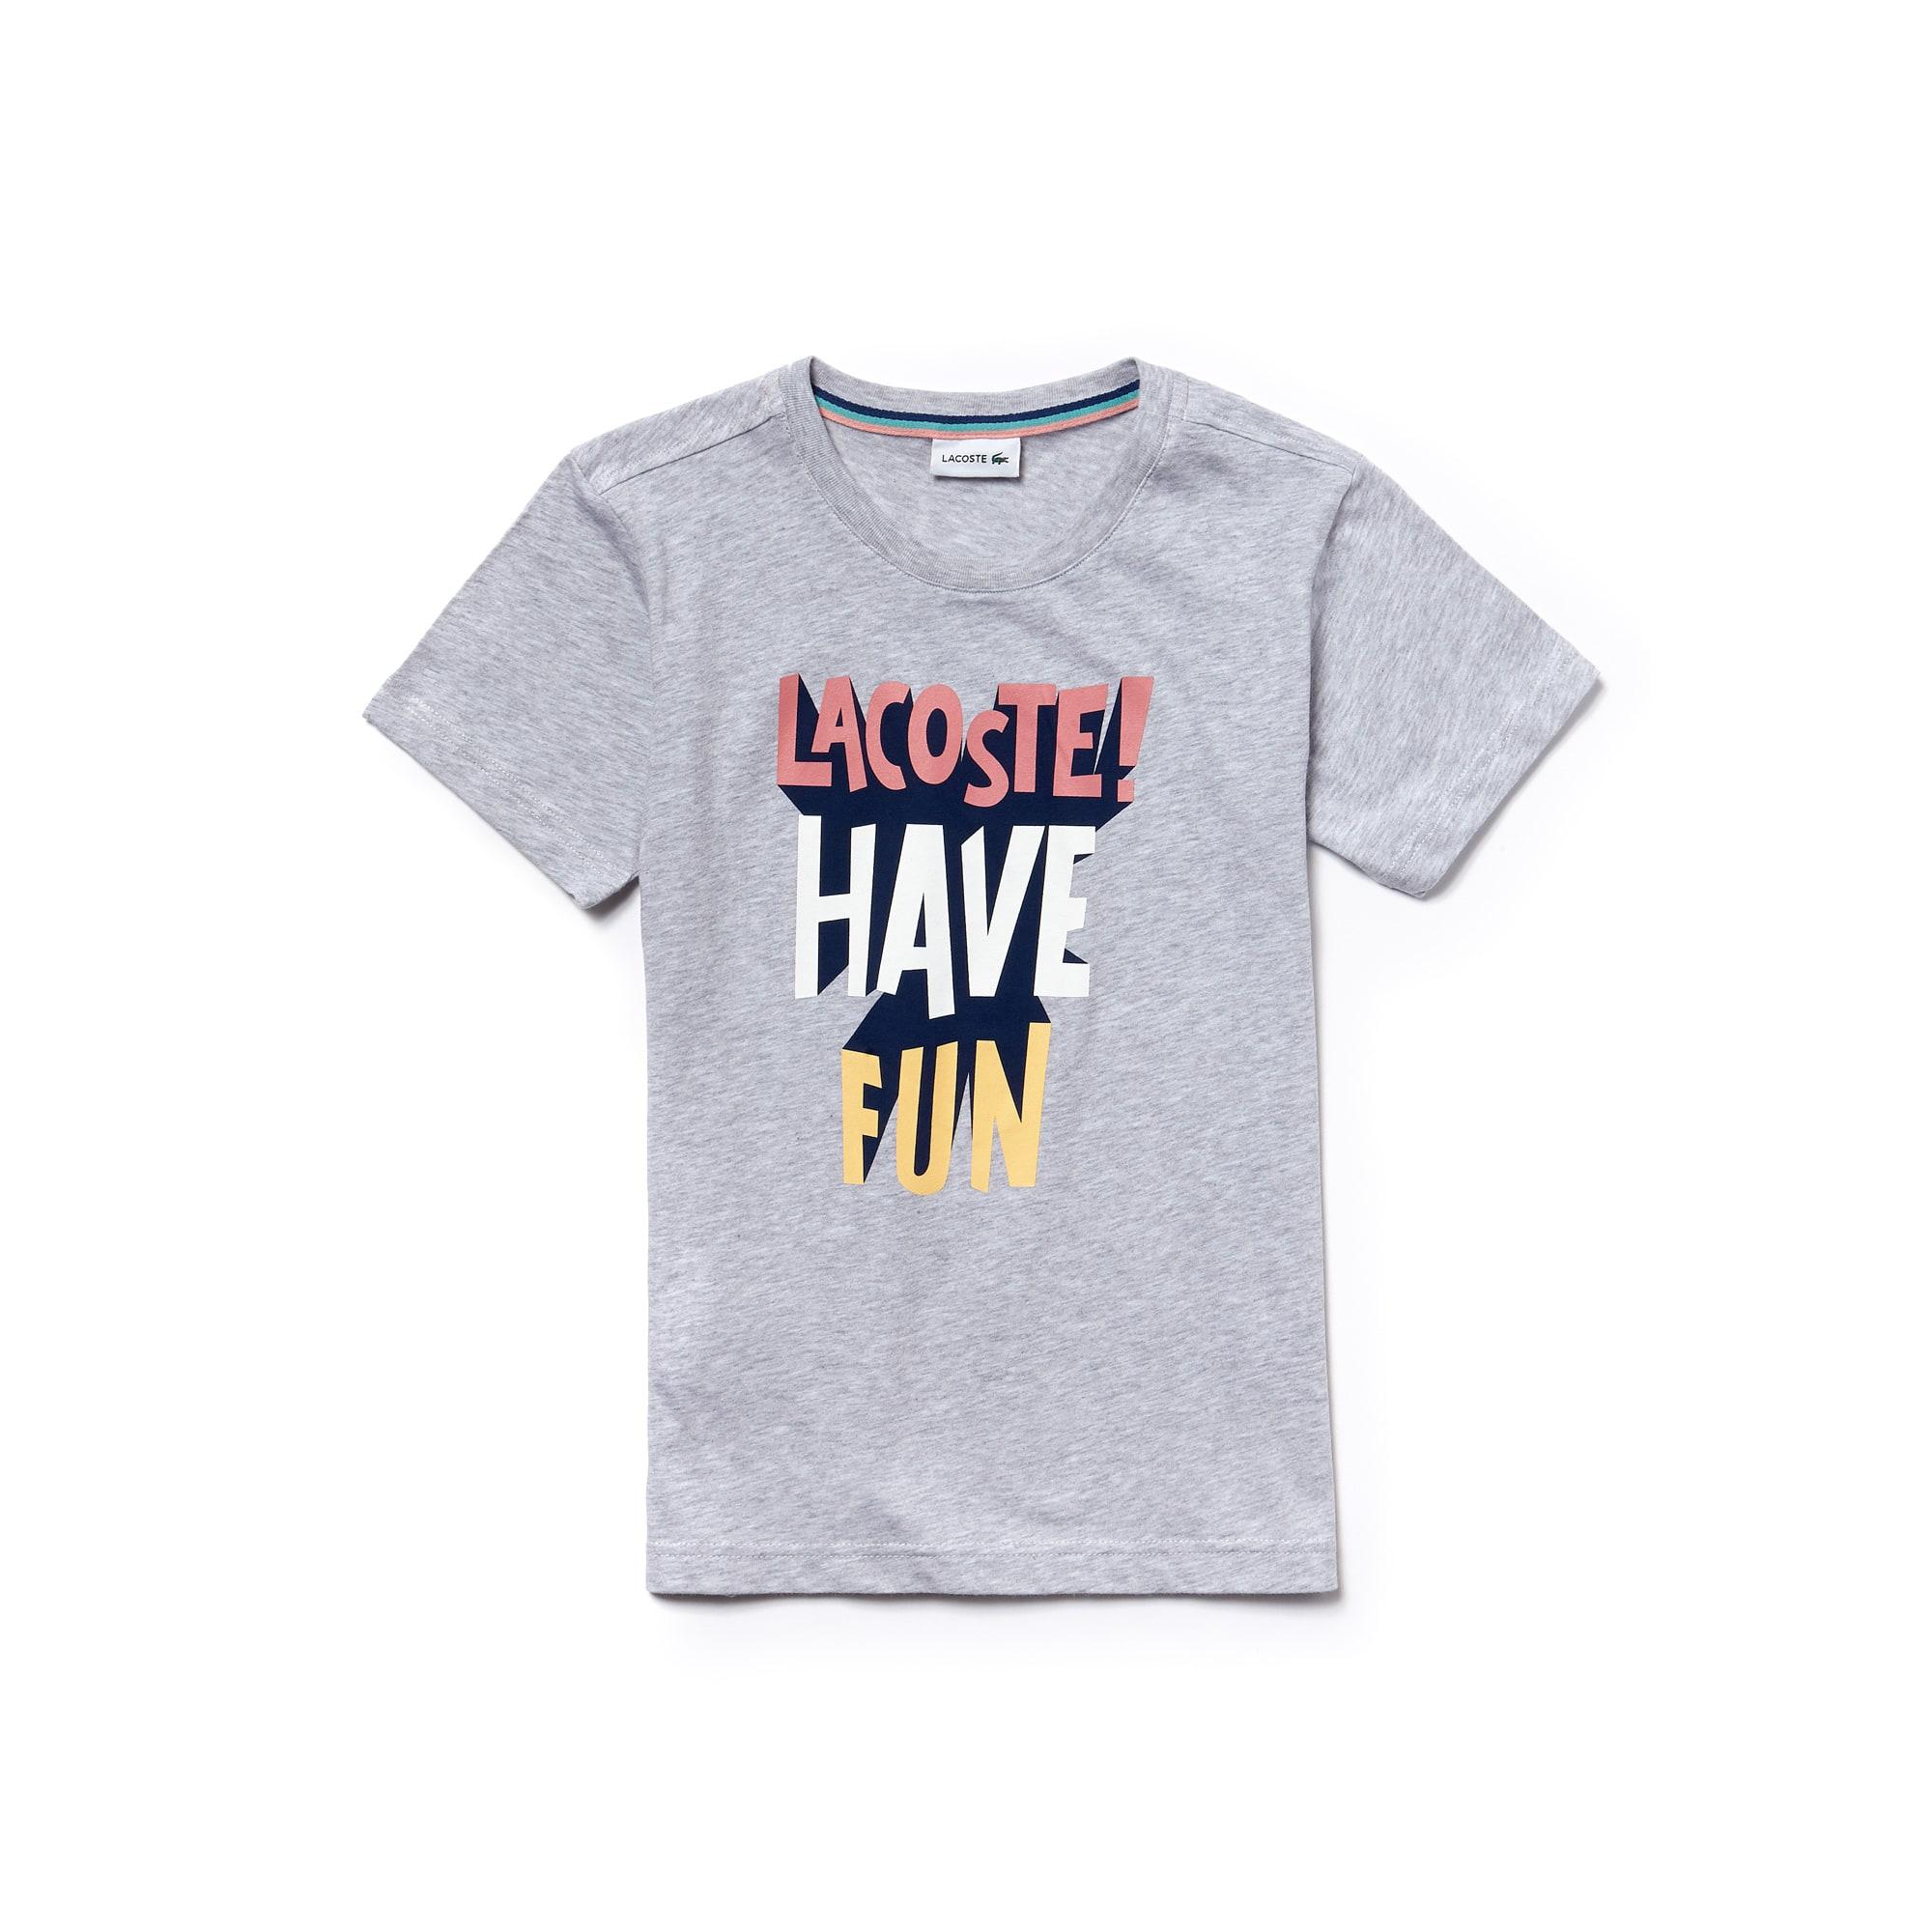 تيشيرت للأولاد برقبة مستديرة مع أحرف كلمة Lacoste في خامة  جيرسي